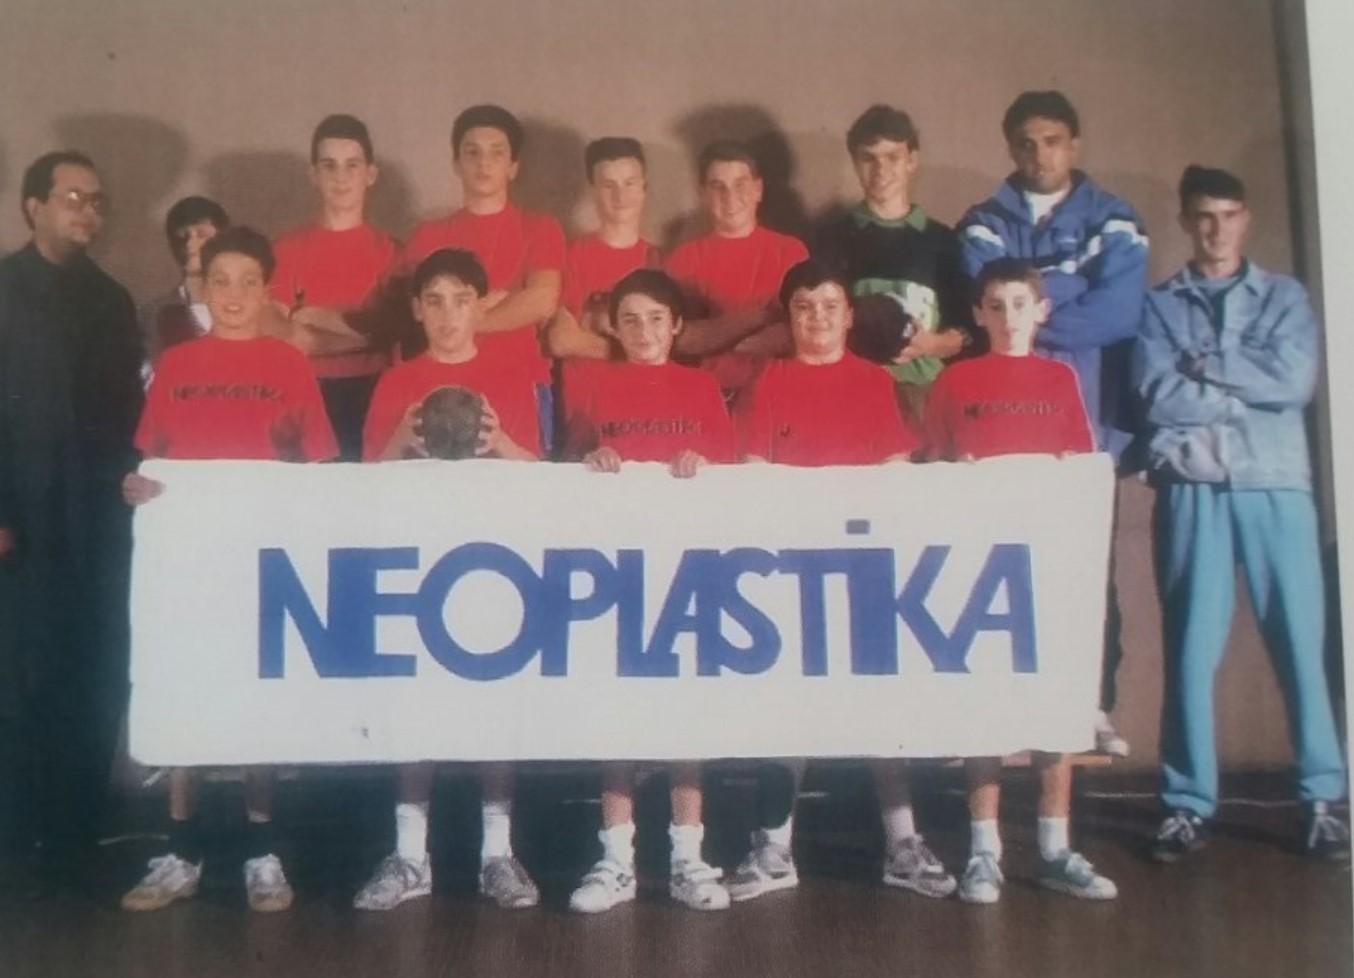 Slavisa Djukanovic | Calendrier mini handball | minirukomedijada 1993